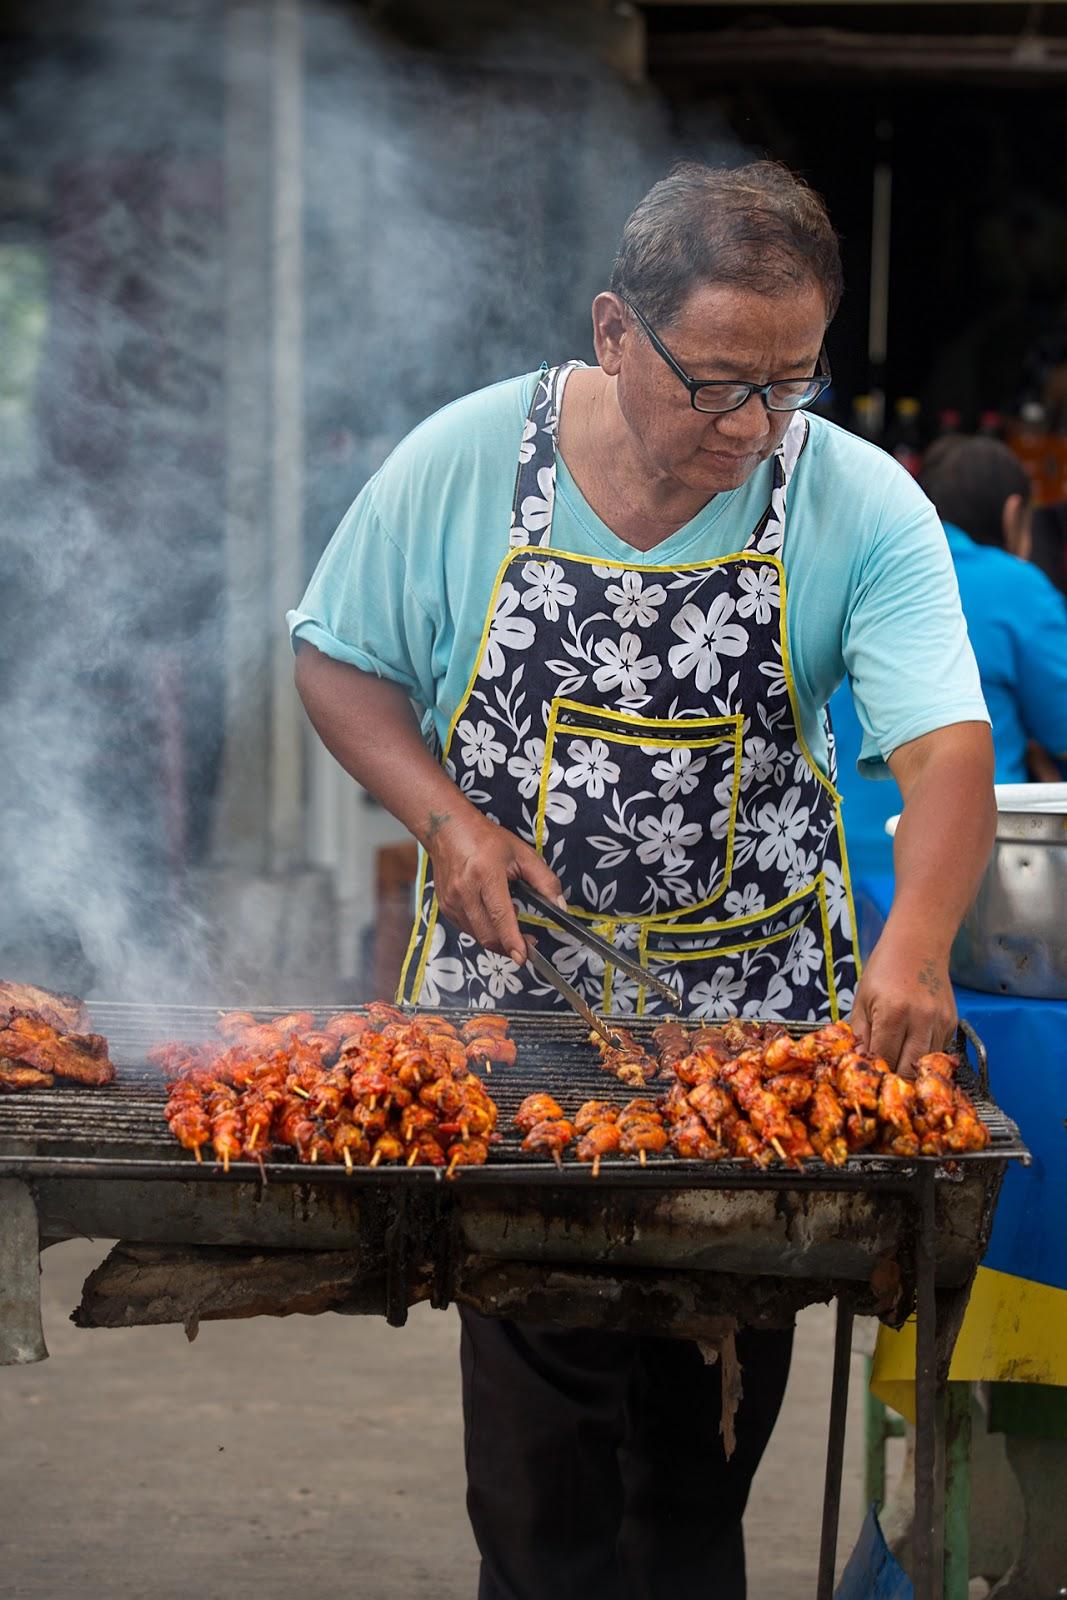 grill,stoisko,męzczyzna,Tajlandia